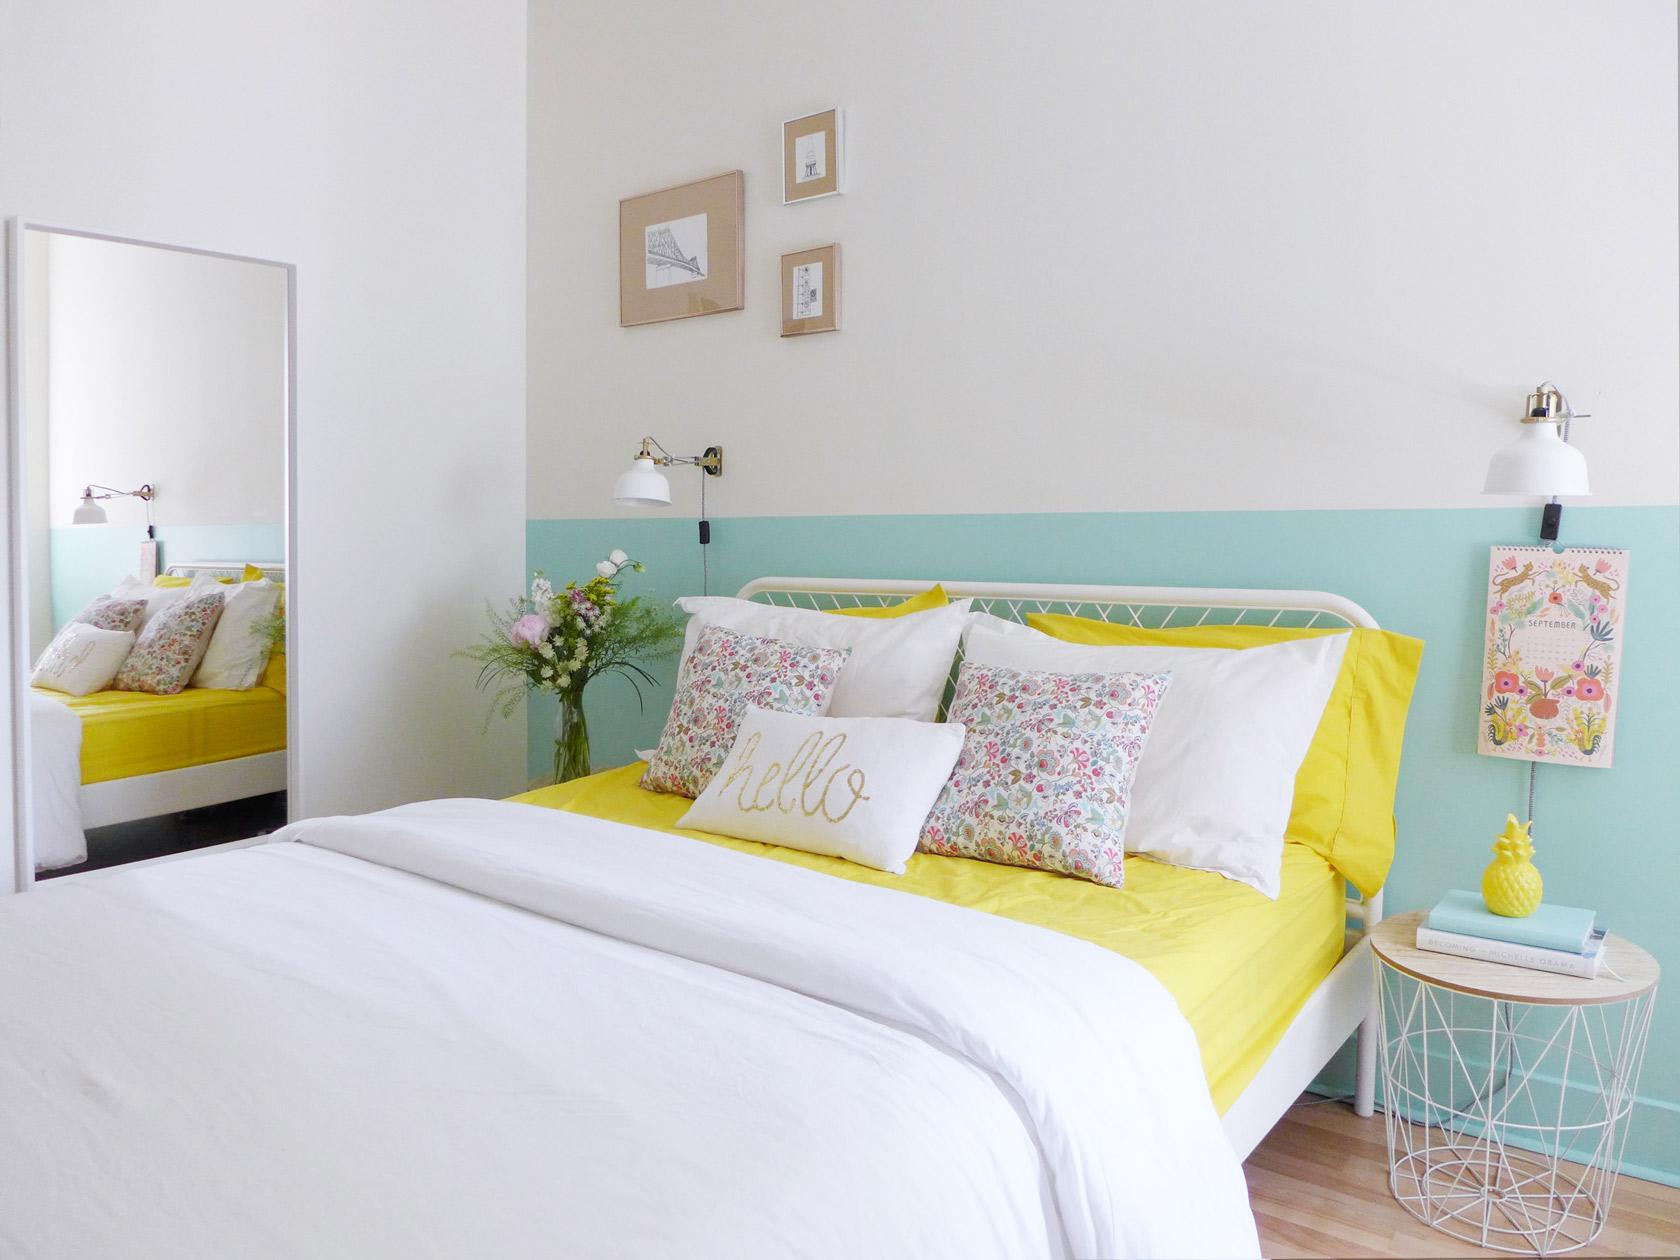 Réalisation du studio d'architecture et de décoration Skéa Designer. Jaune soleil. Dans la chambre, un lit 160 en métal blanc, ses draps jaunes, un mur vert menthe.